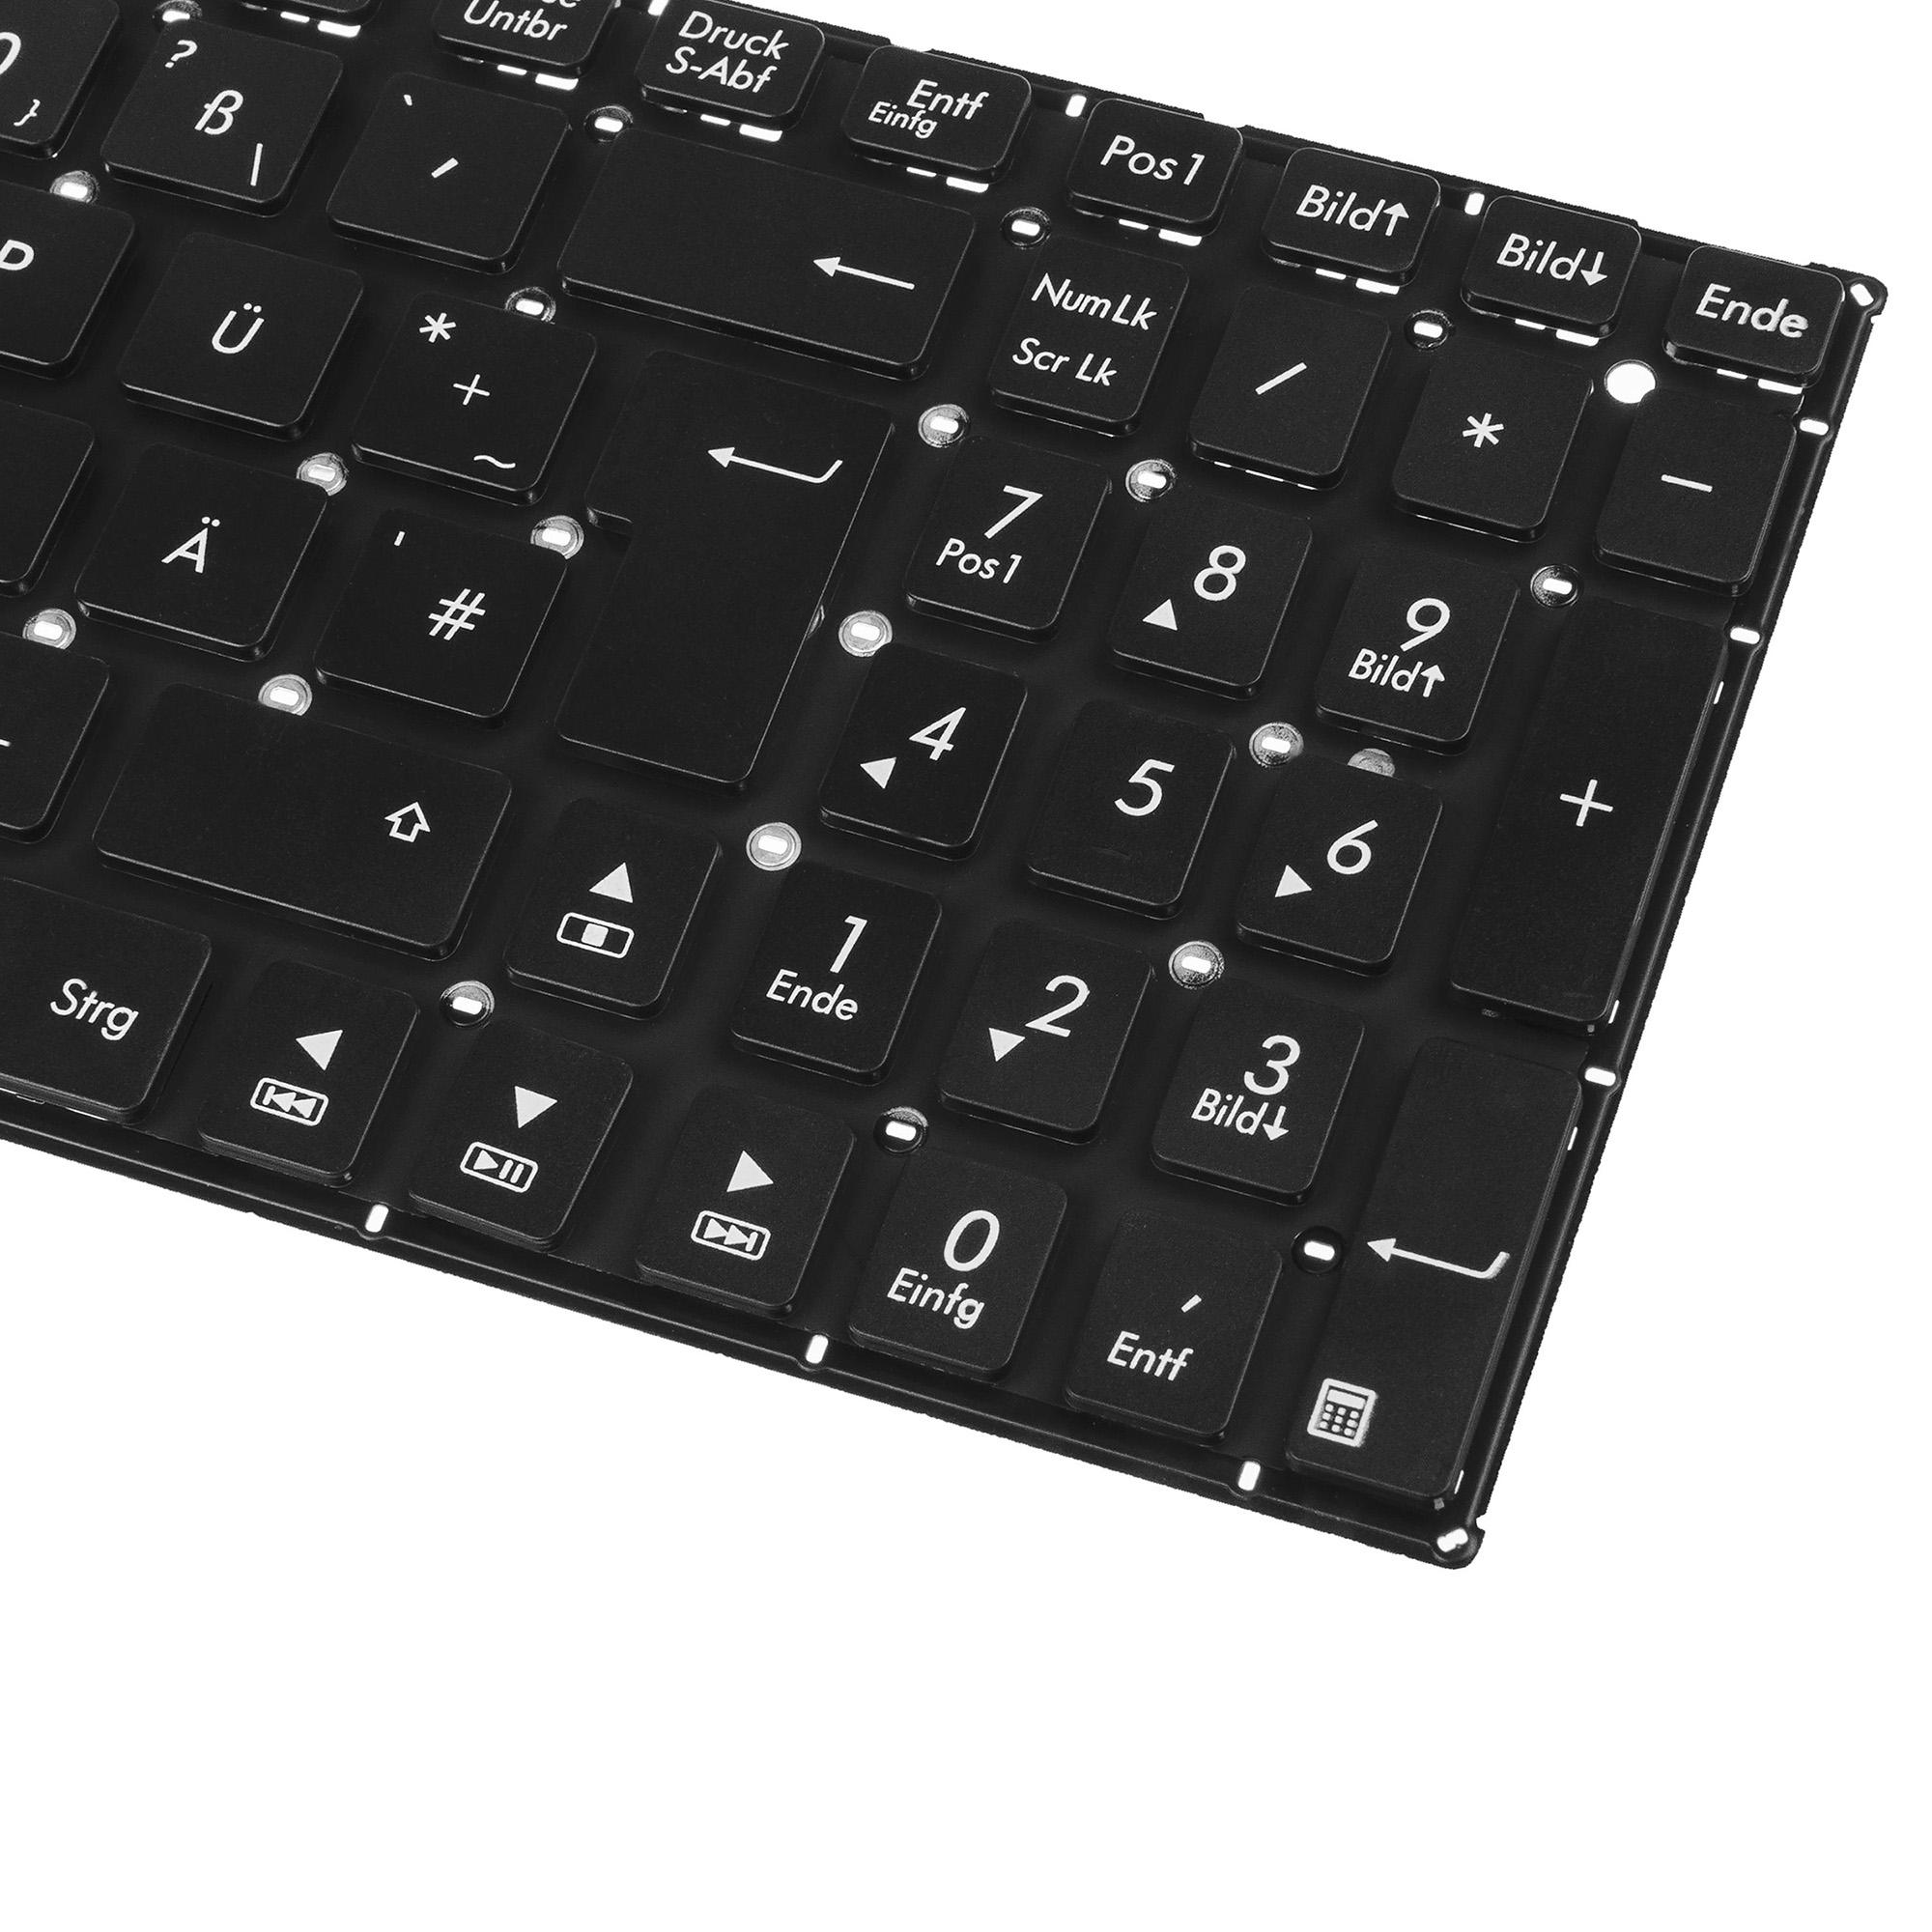 Tastatur f/ür Asus X550 X550C X550CA R751 R751J R751JA F751 F751L F75LD F751LDV DE